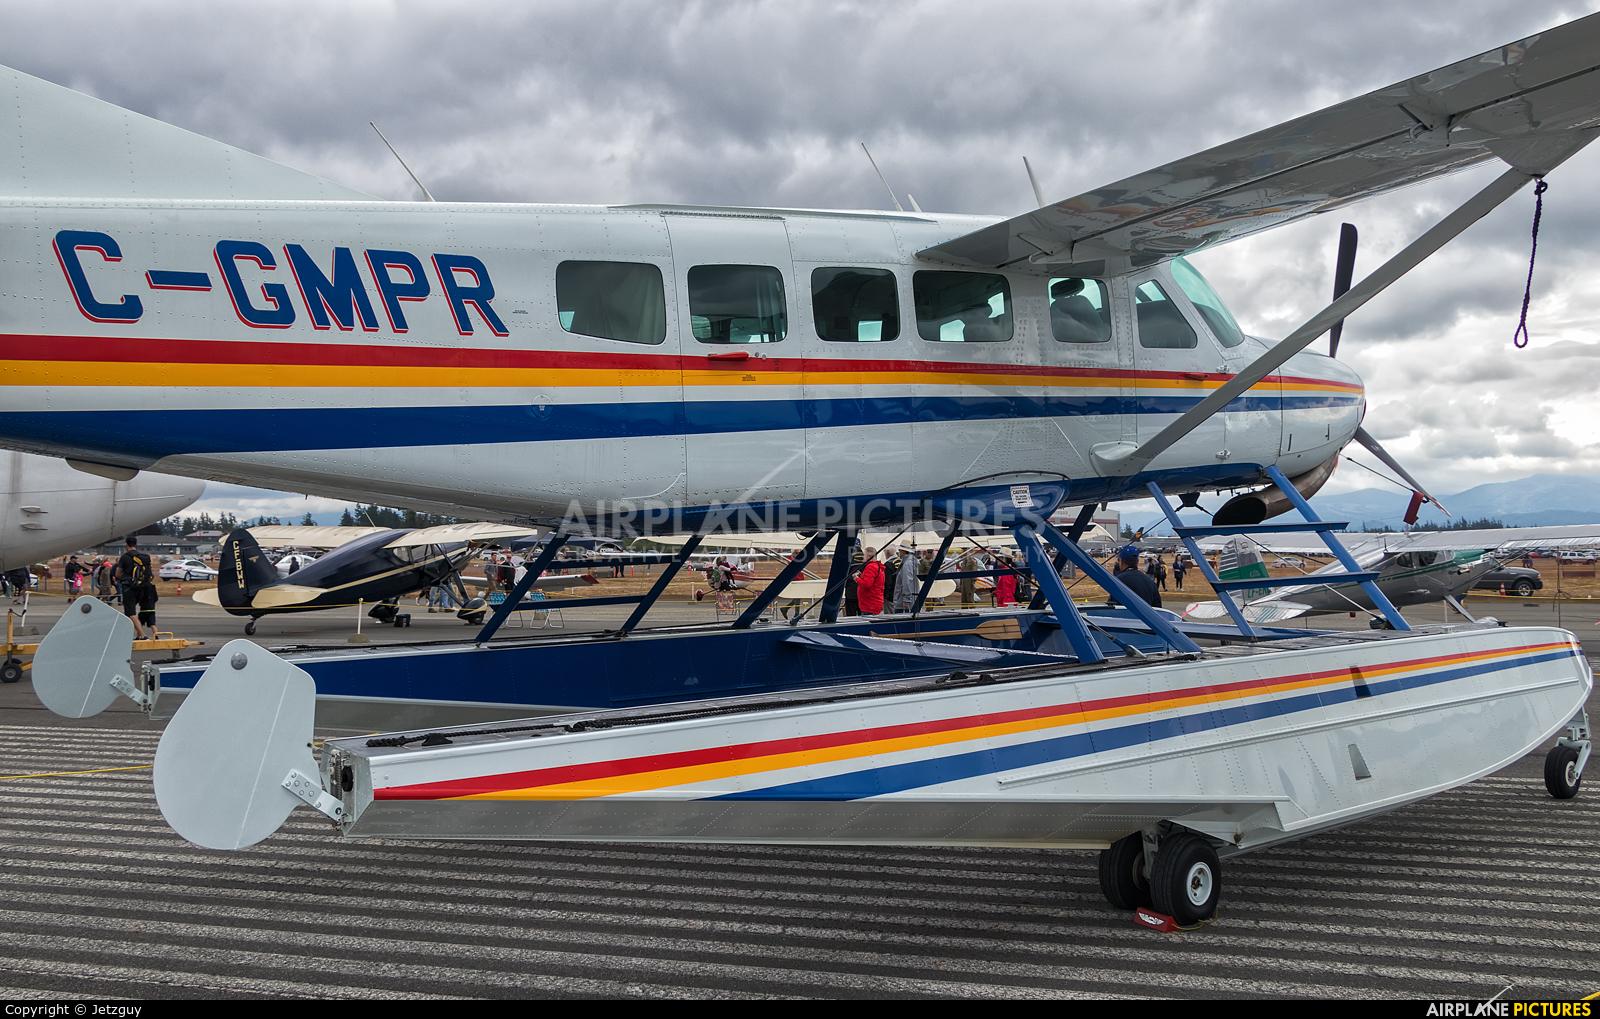 Canada-Royal Canadian Mounted Police C-GMPR aircraft at Abbotsford, BC